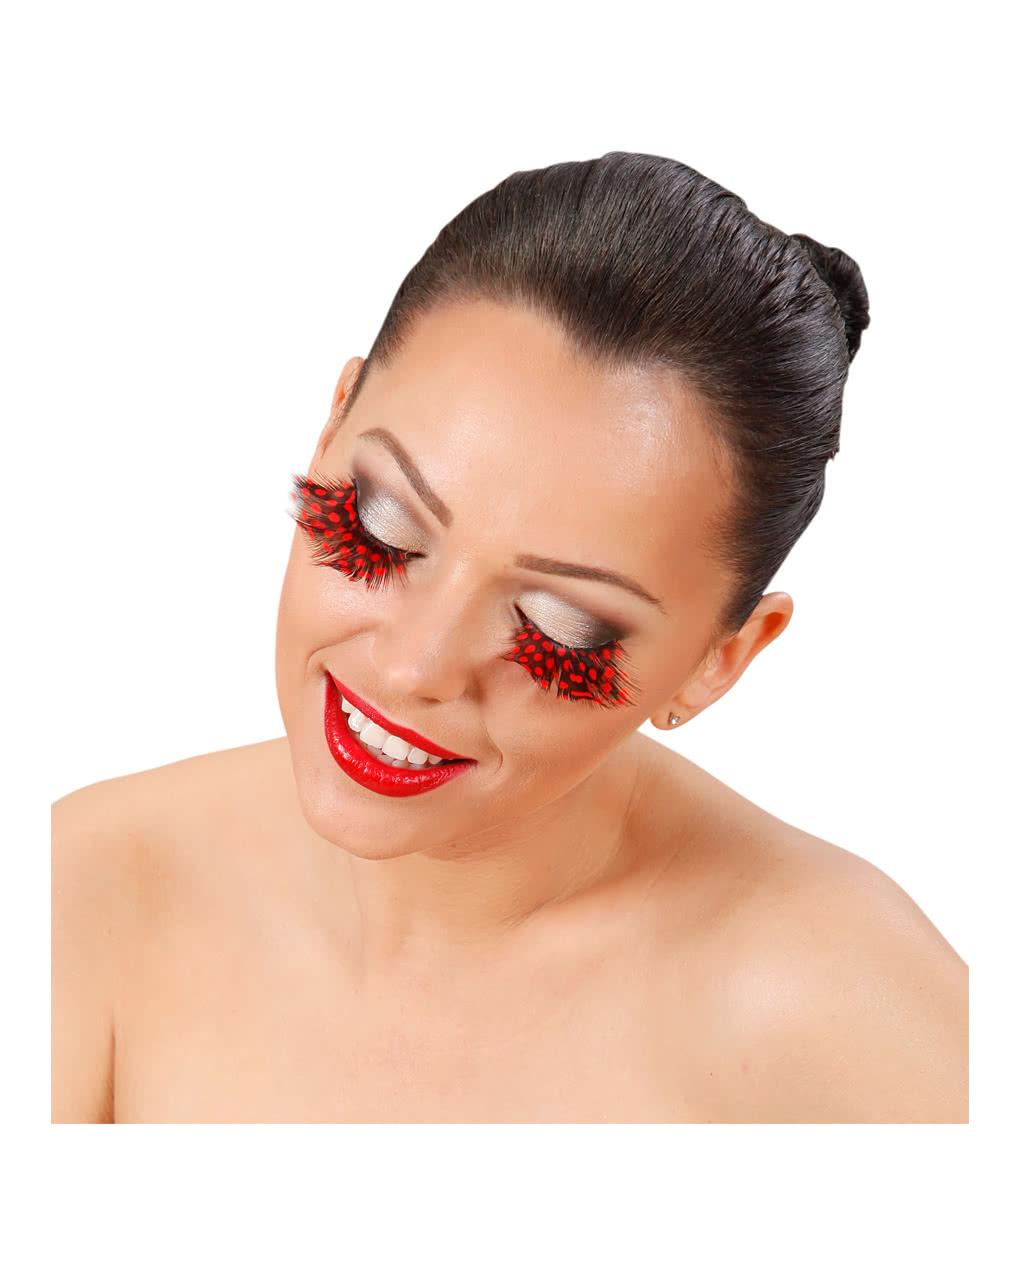 977186df85a Ladybug eyelashes Ladybug eyelashes Ladybug eyelashes